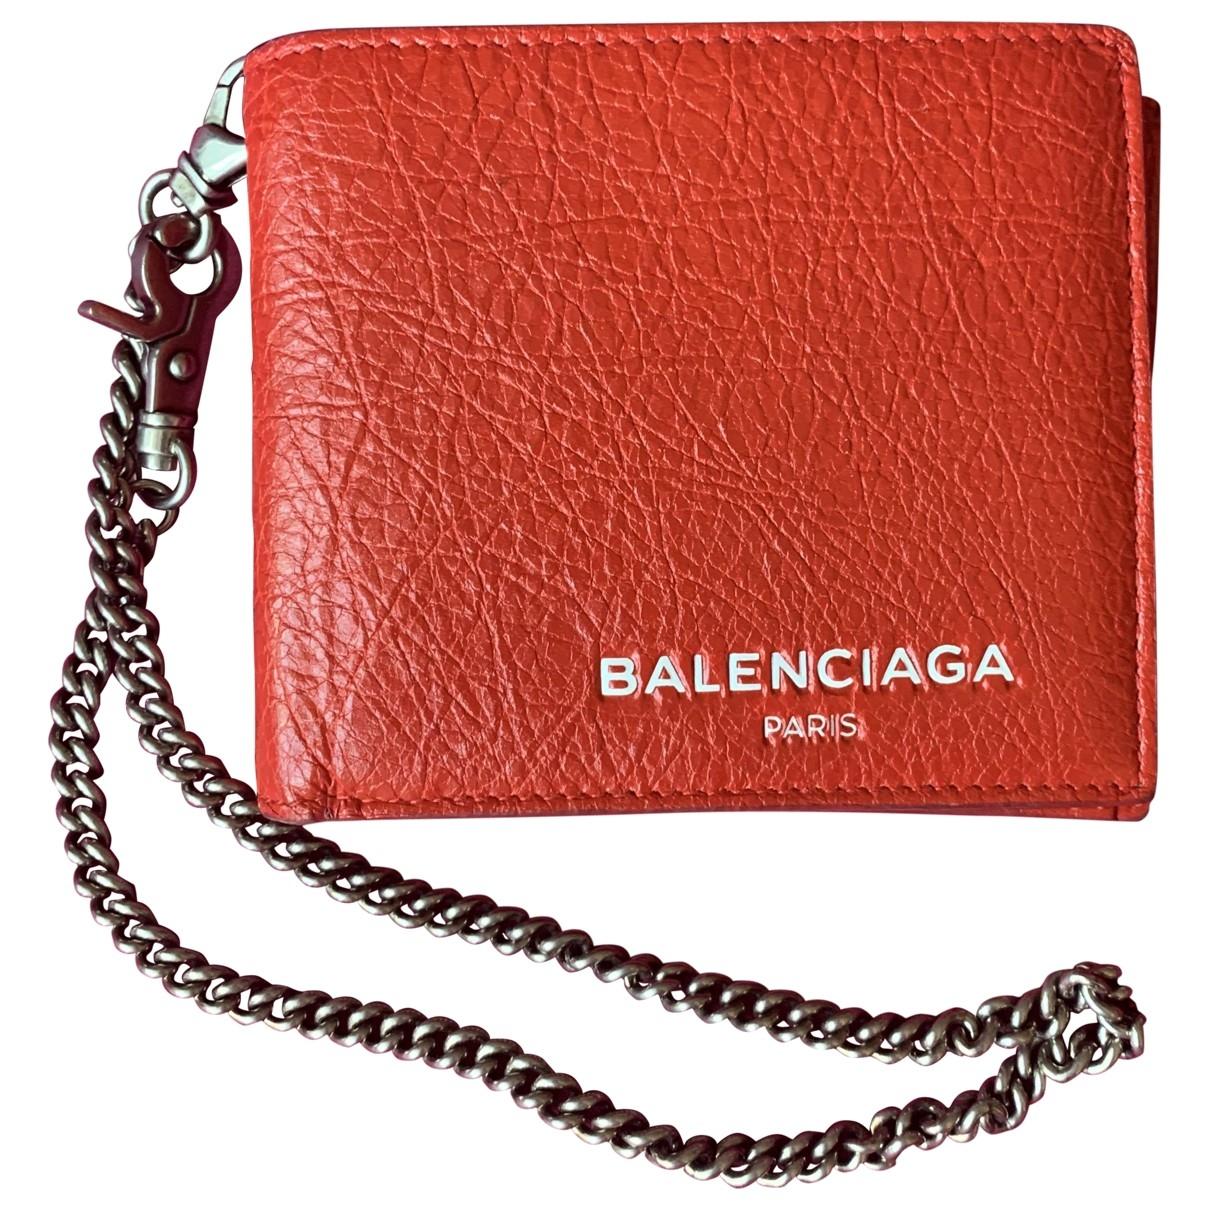 Balenciaga - Petite maroquinerie   pour homme en cuir - rouge